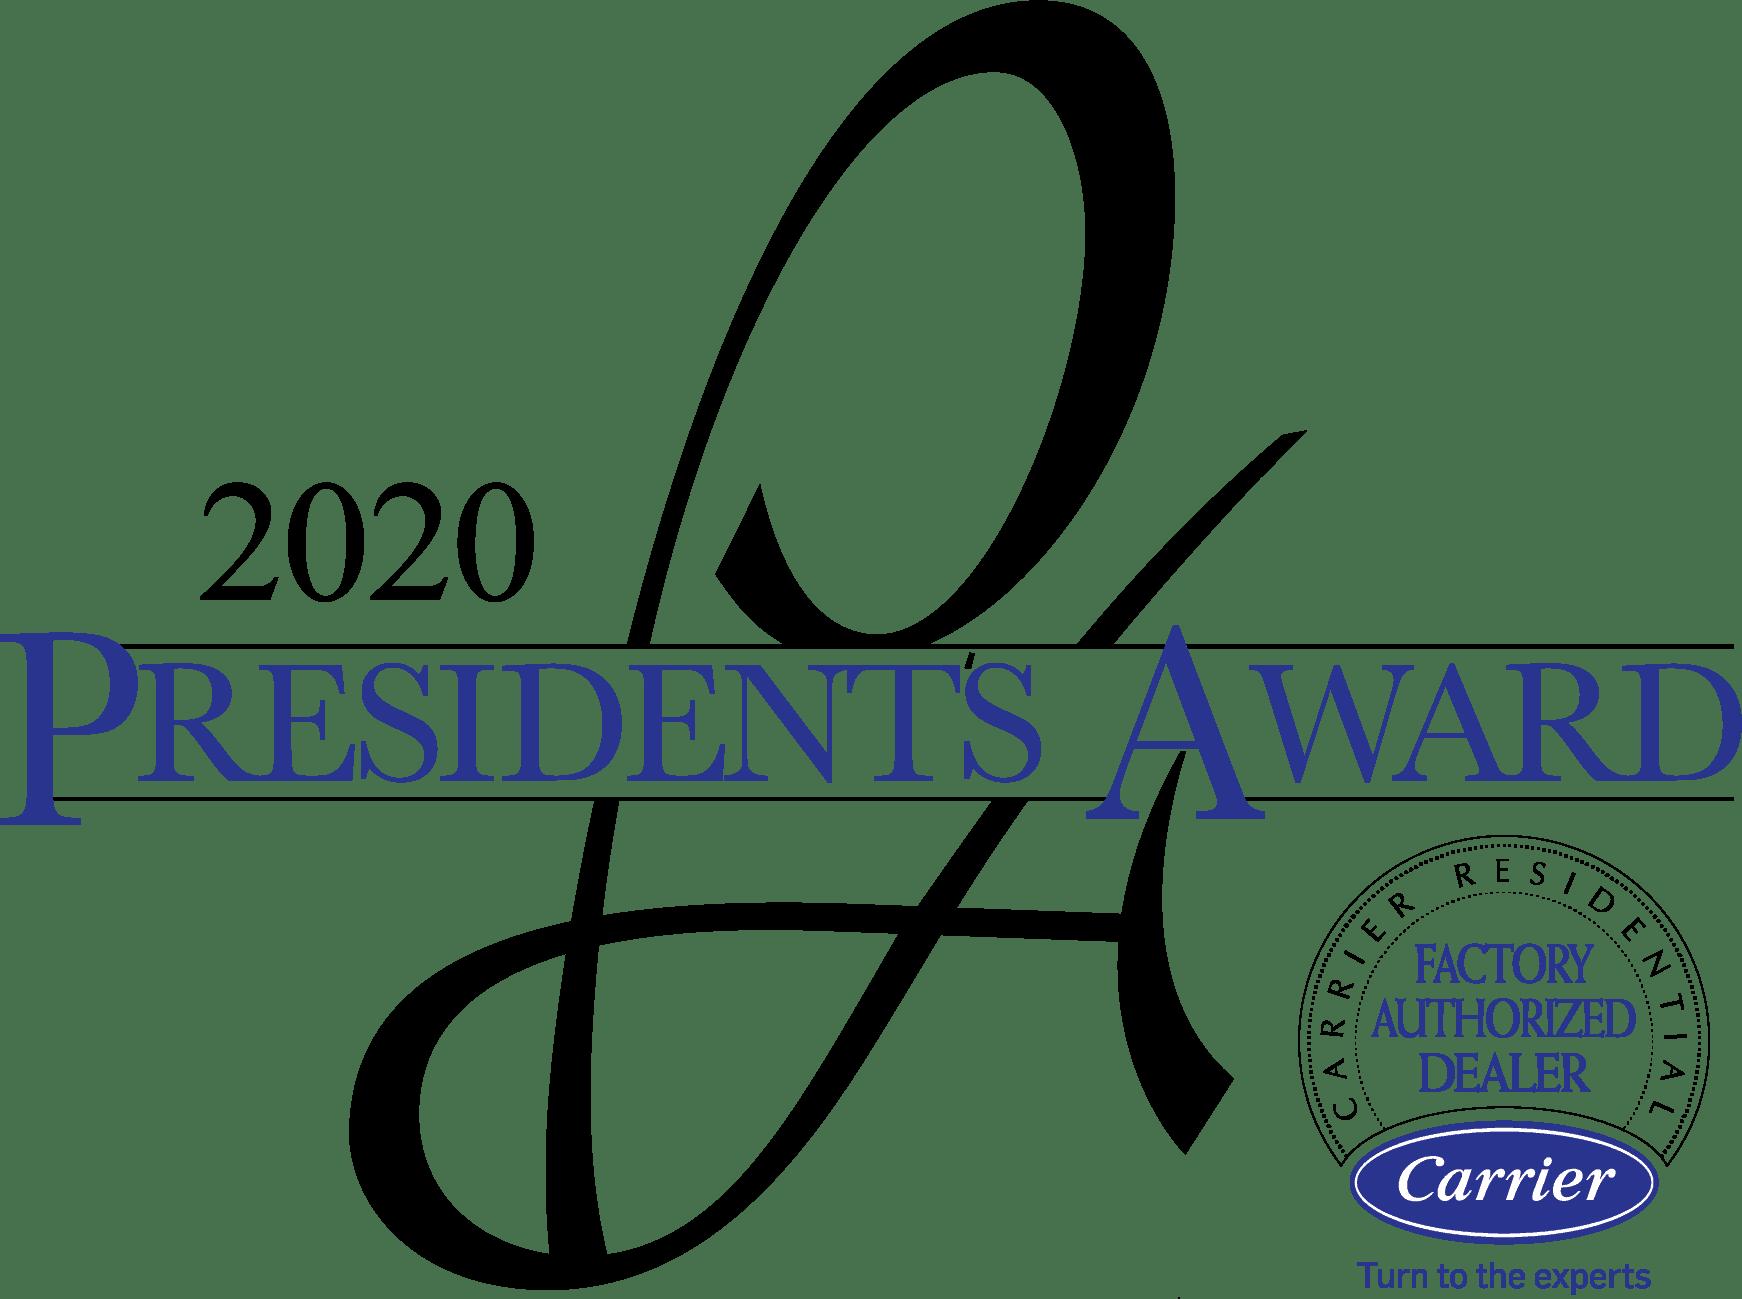 Carrier Presidents Award logo.